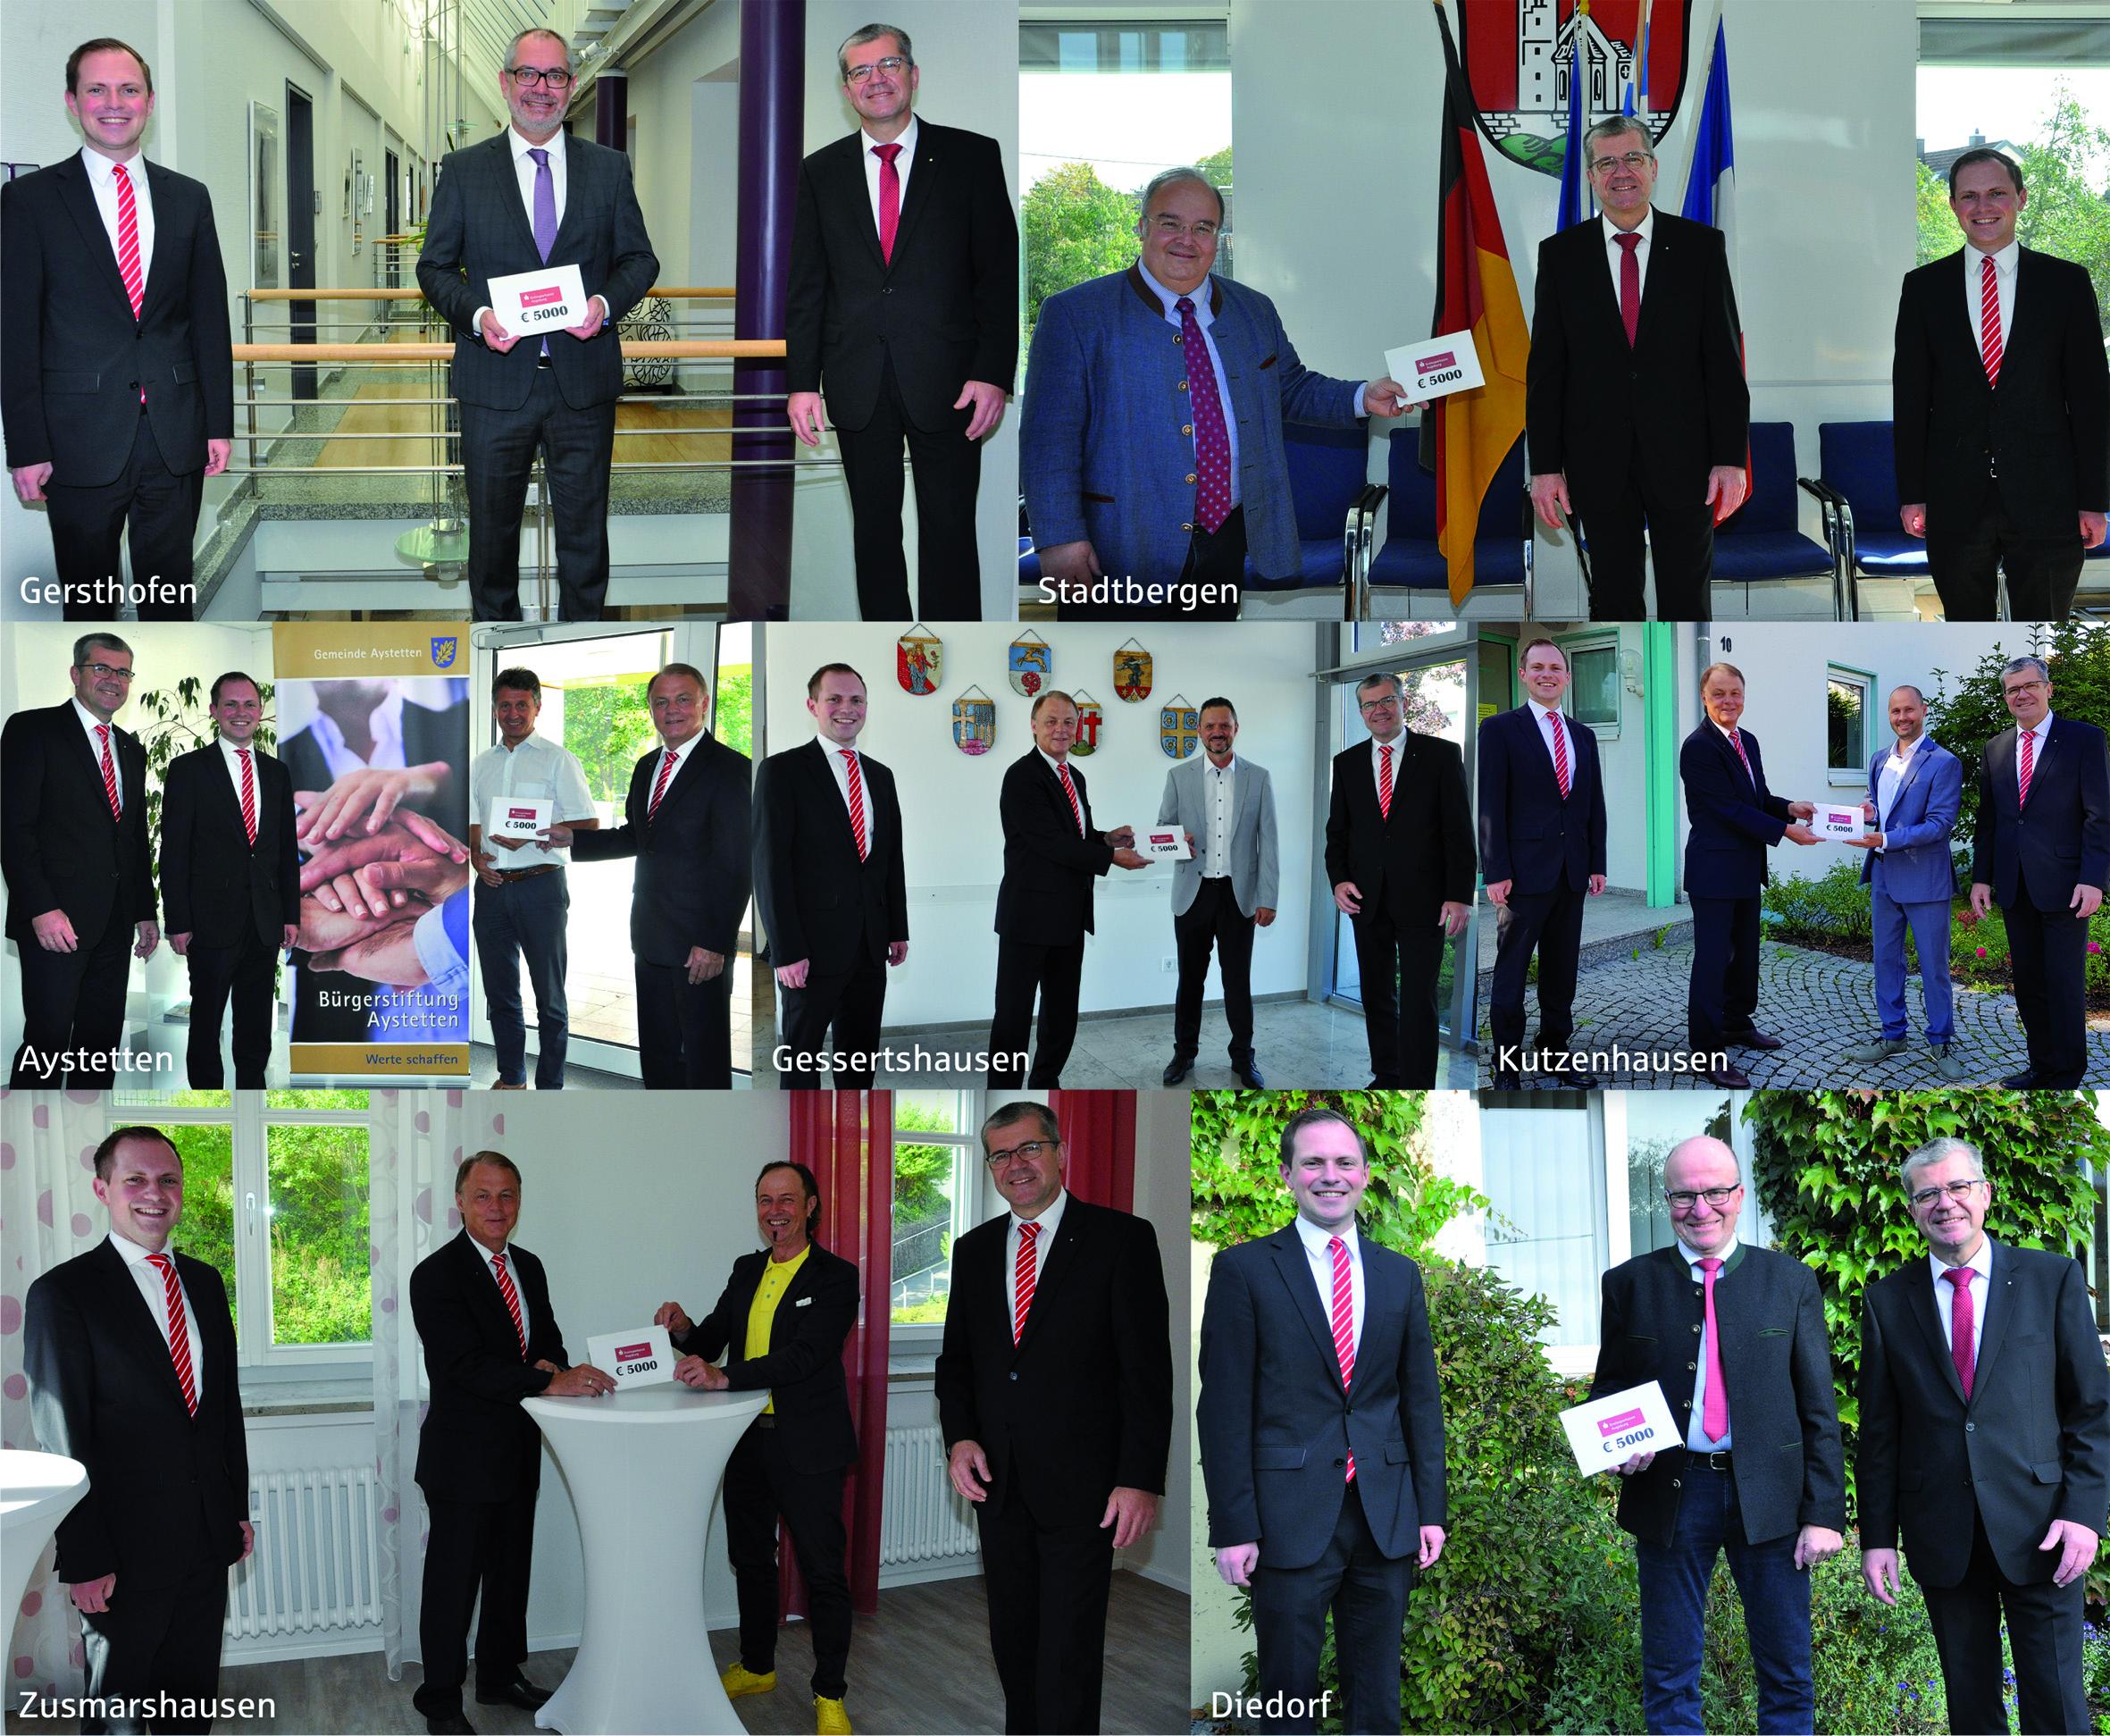 Gesellschaftliches Engagement für die Region Augsburg